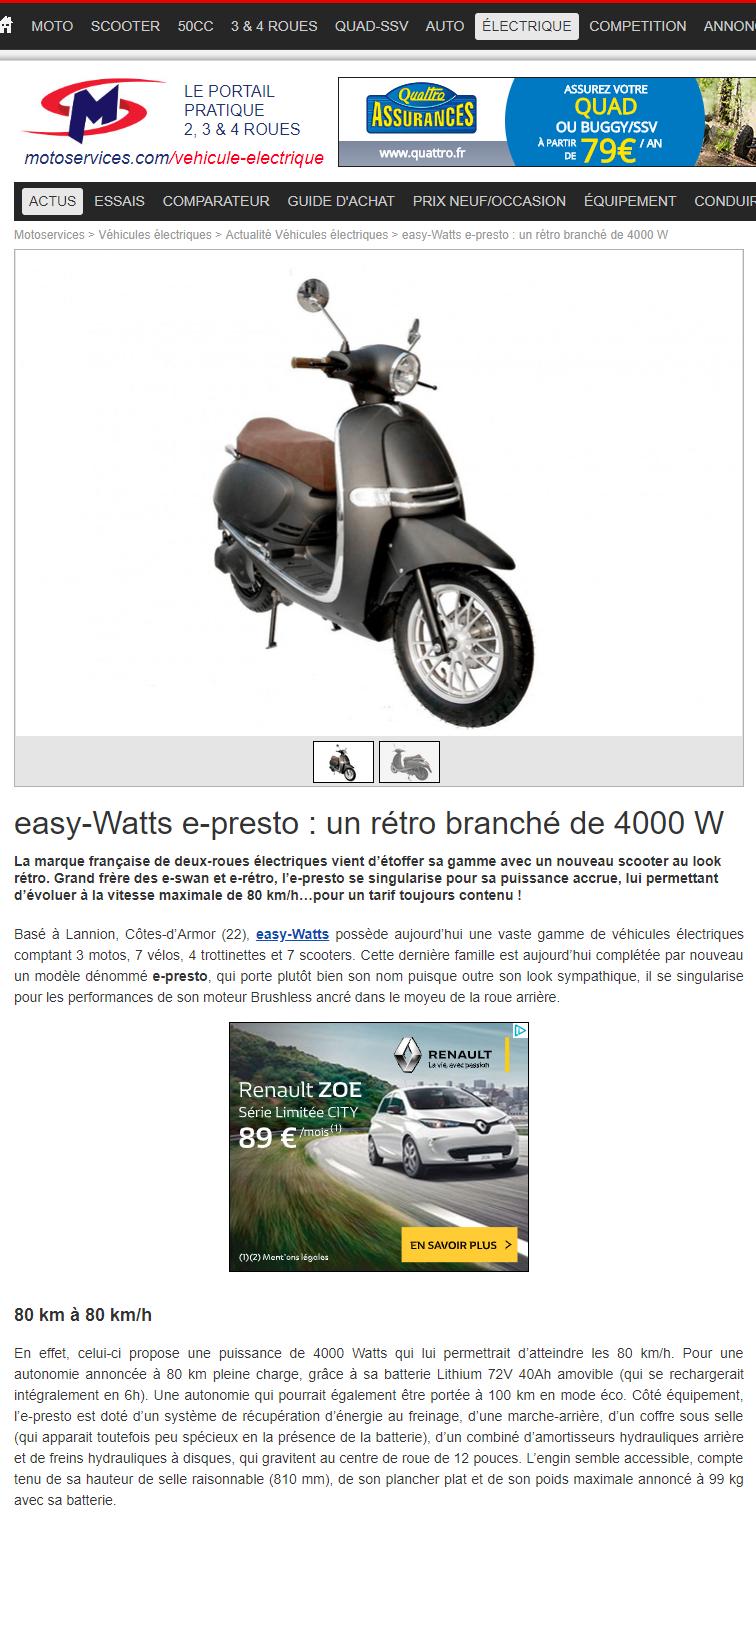 Scooter Electrique 125 E Presto Easy Watts